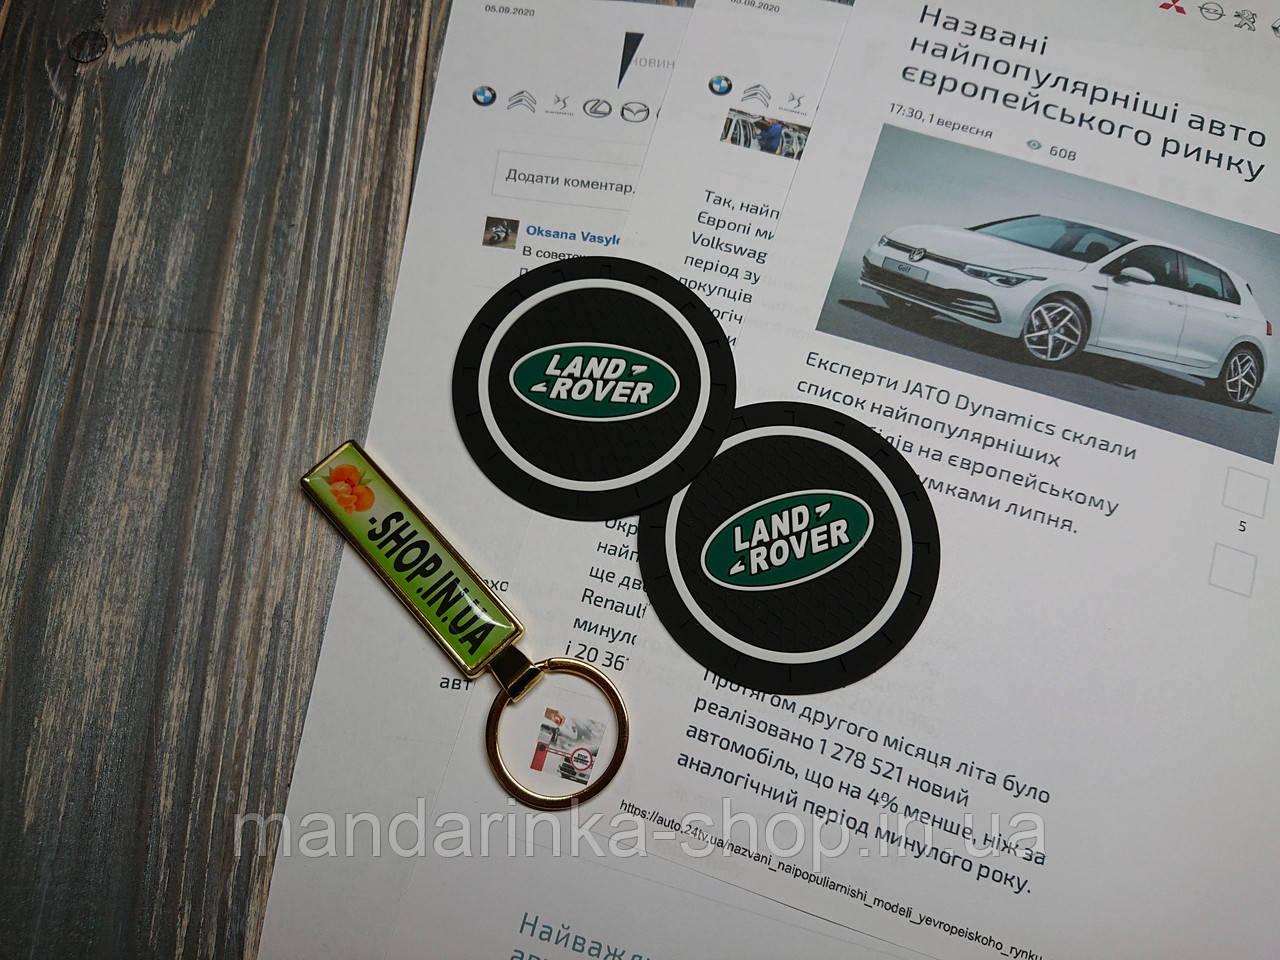 Антиковзаючий килимок в підстаканики Land Rover (Ленд ровер)